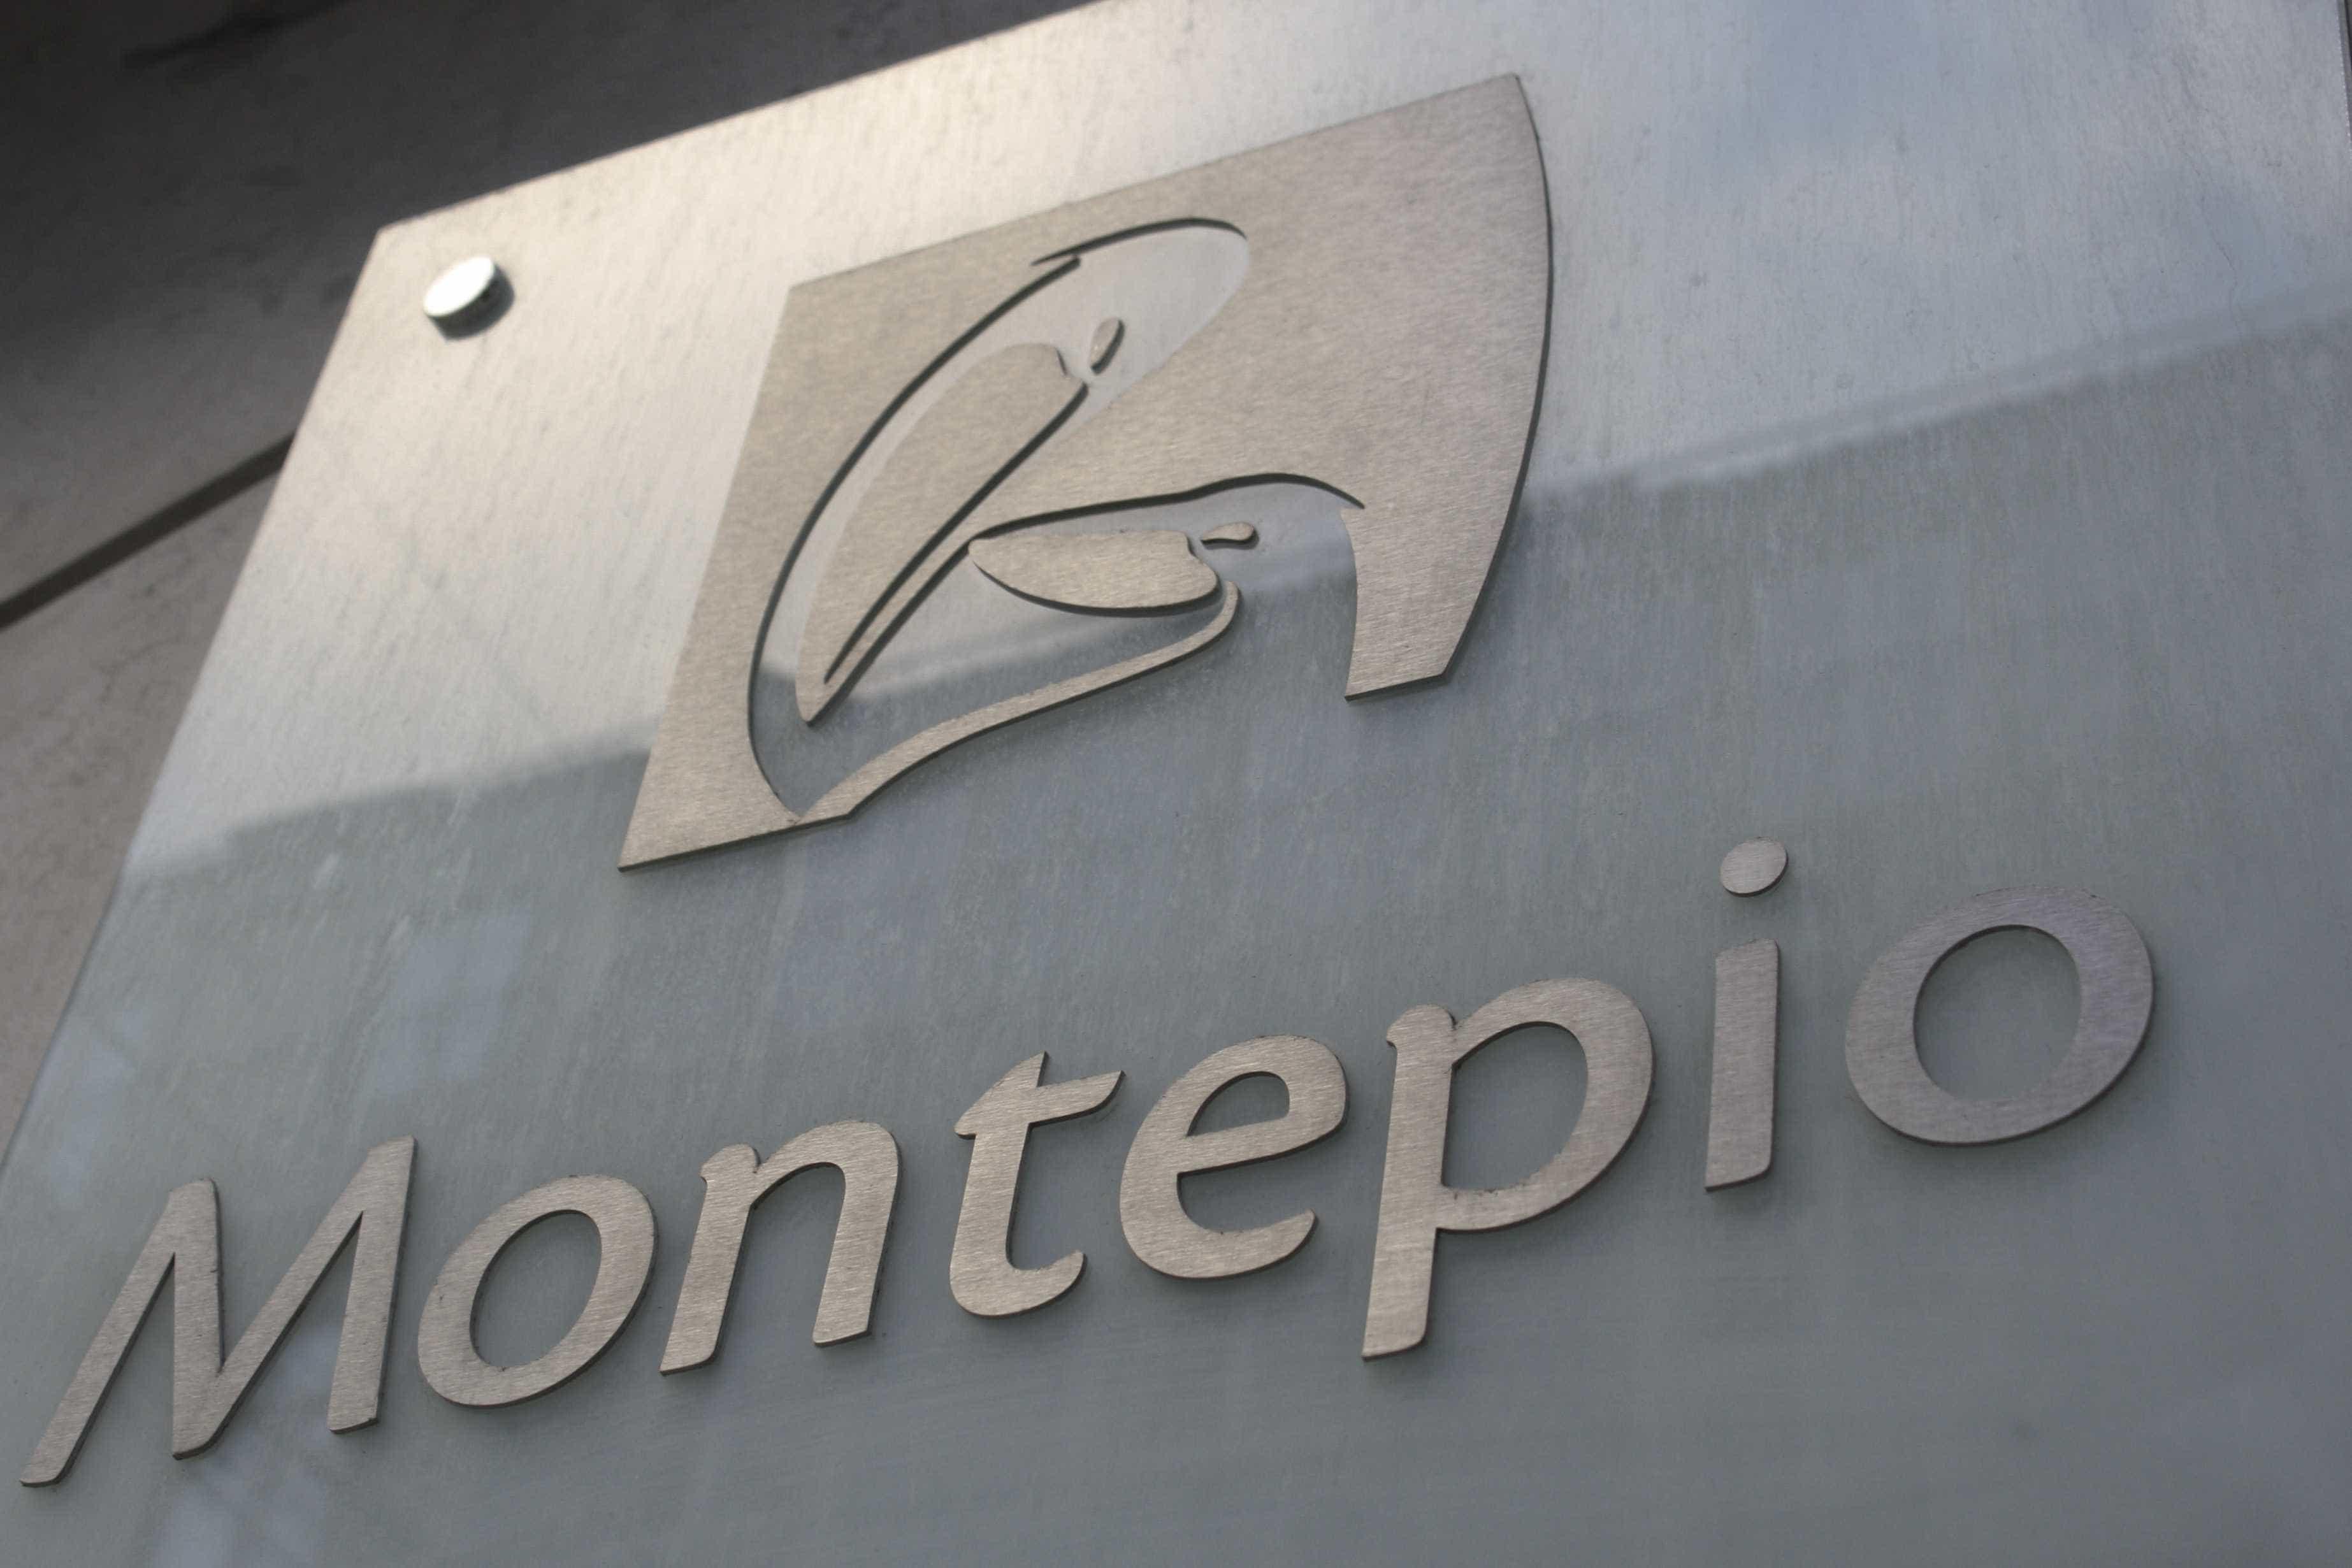 Nova presidente diz que Montepio tem de se adaptar à modernidade da banca